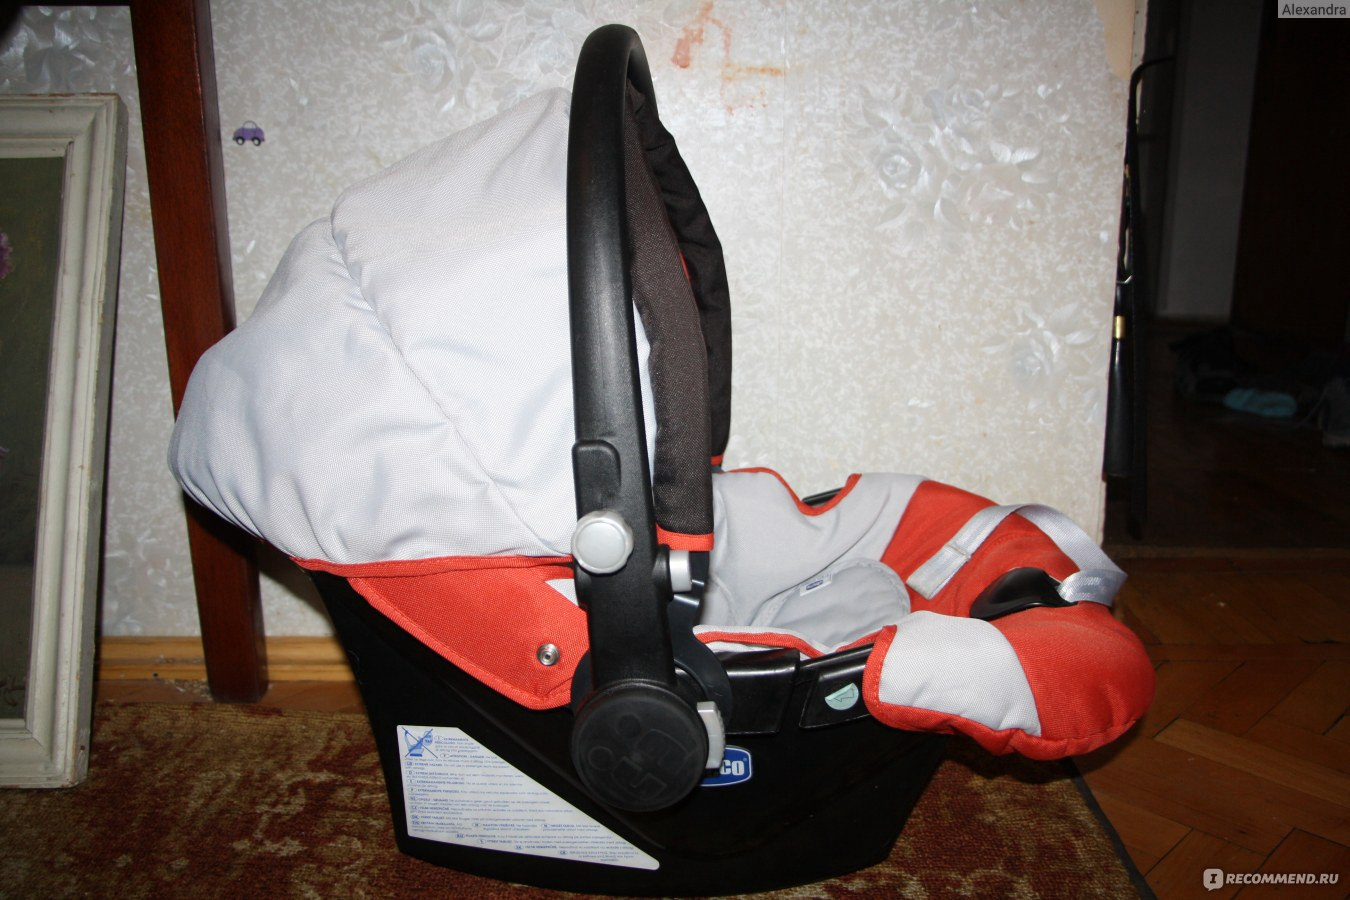 chicco кг инструкция 0-13 автокресло